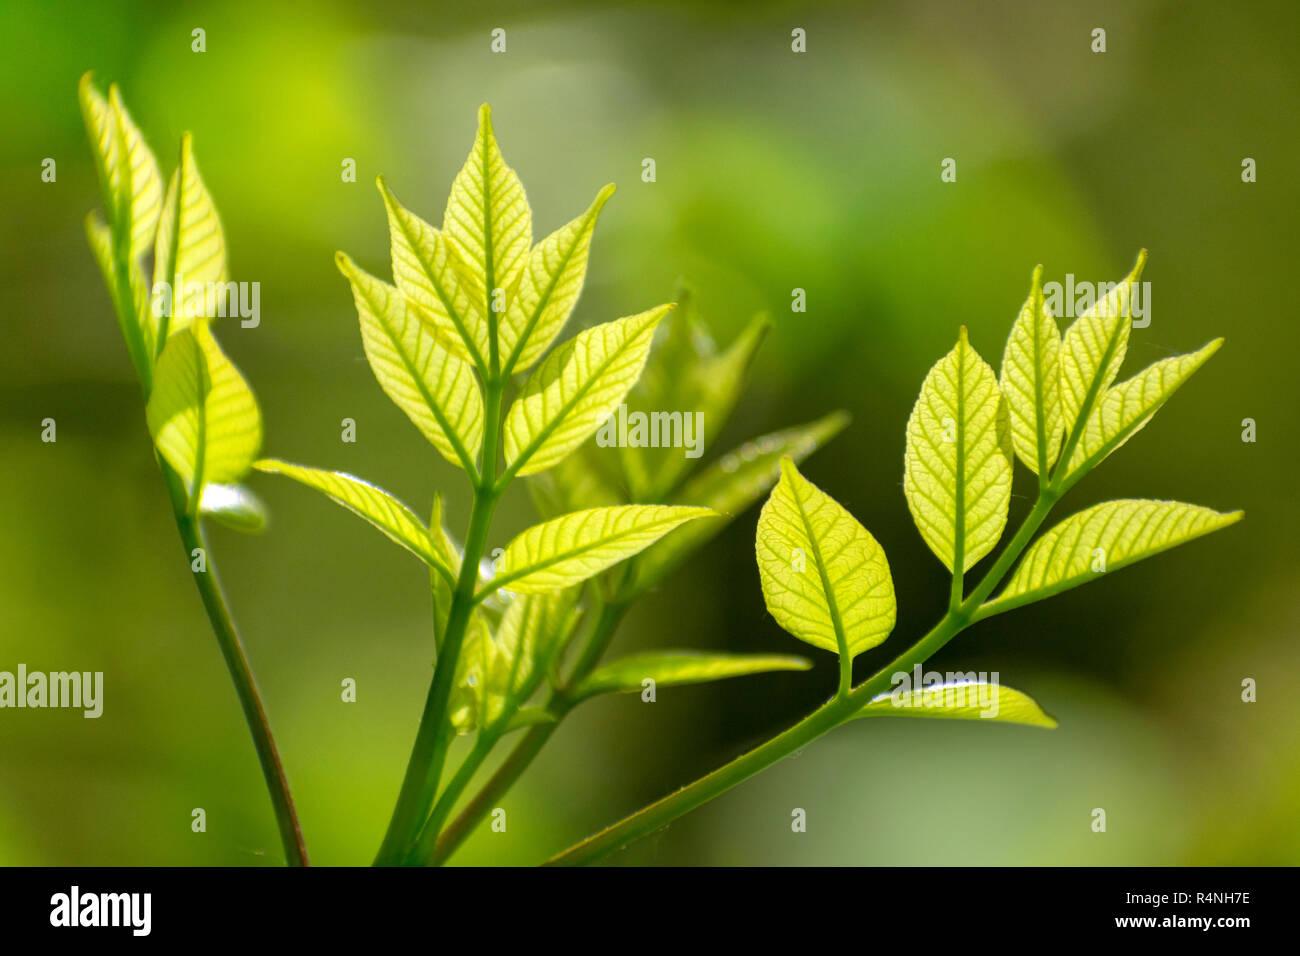 La croissance de nouvelles feuilles de l'Arbre Vert au printemps Photo Stock